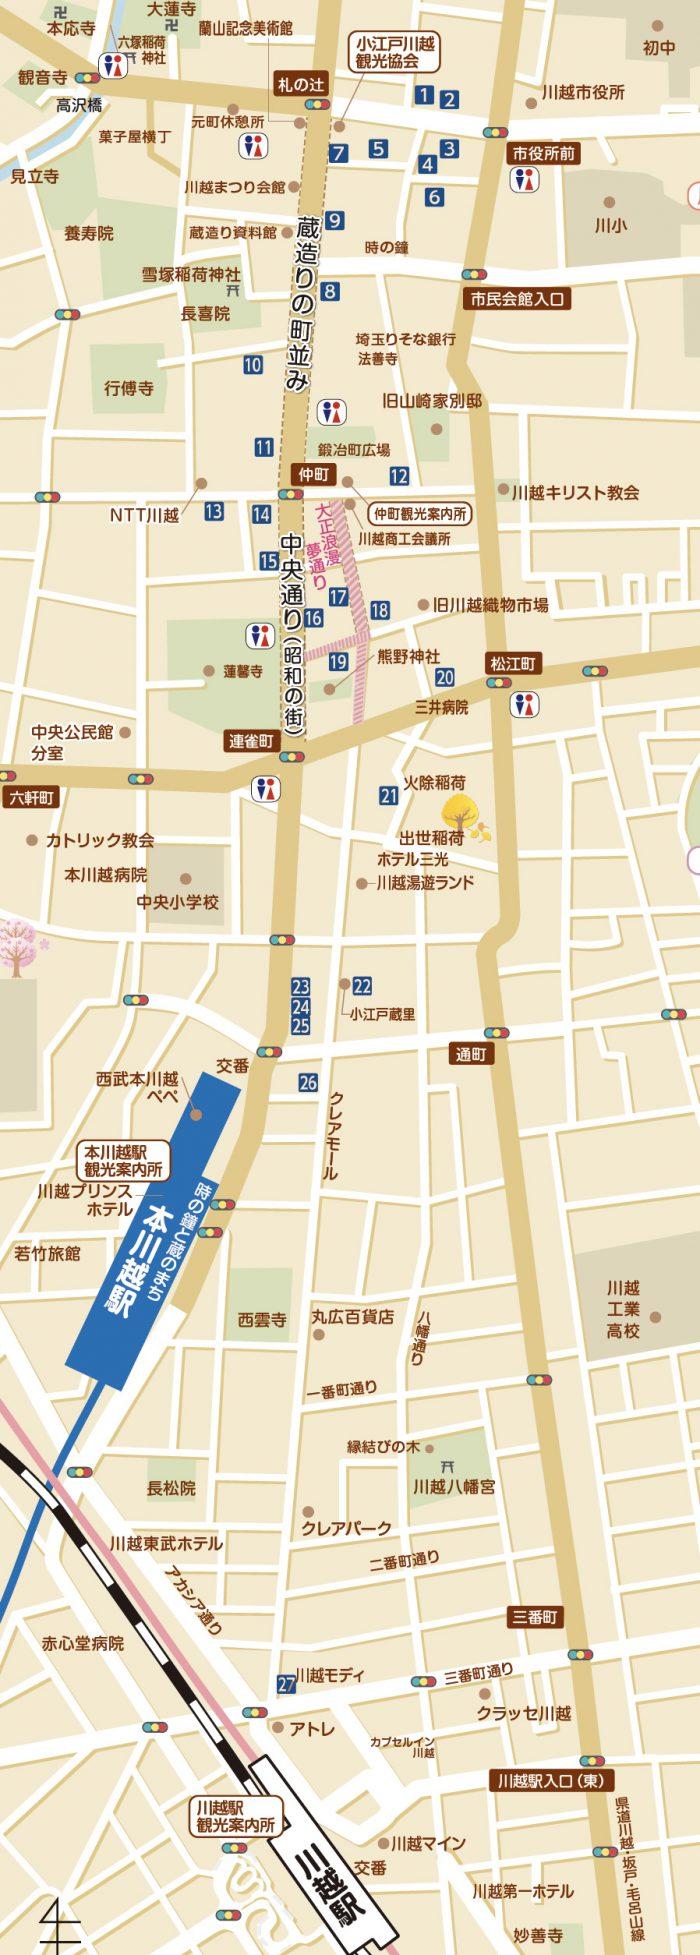 川越蔵まちバル7の店舗地図